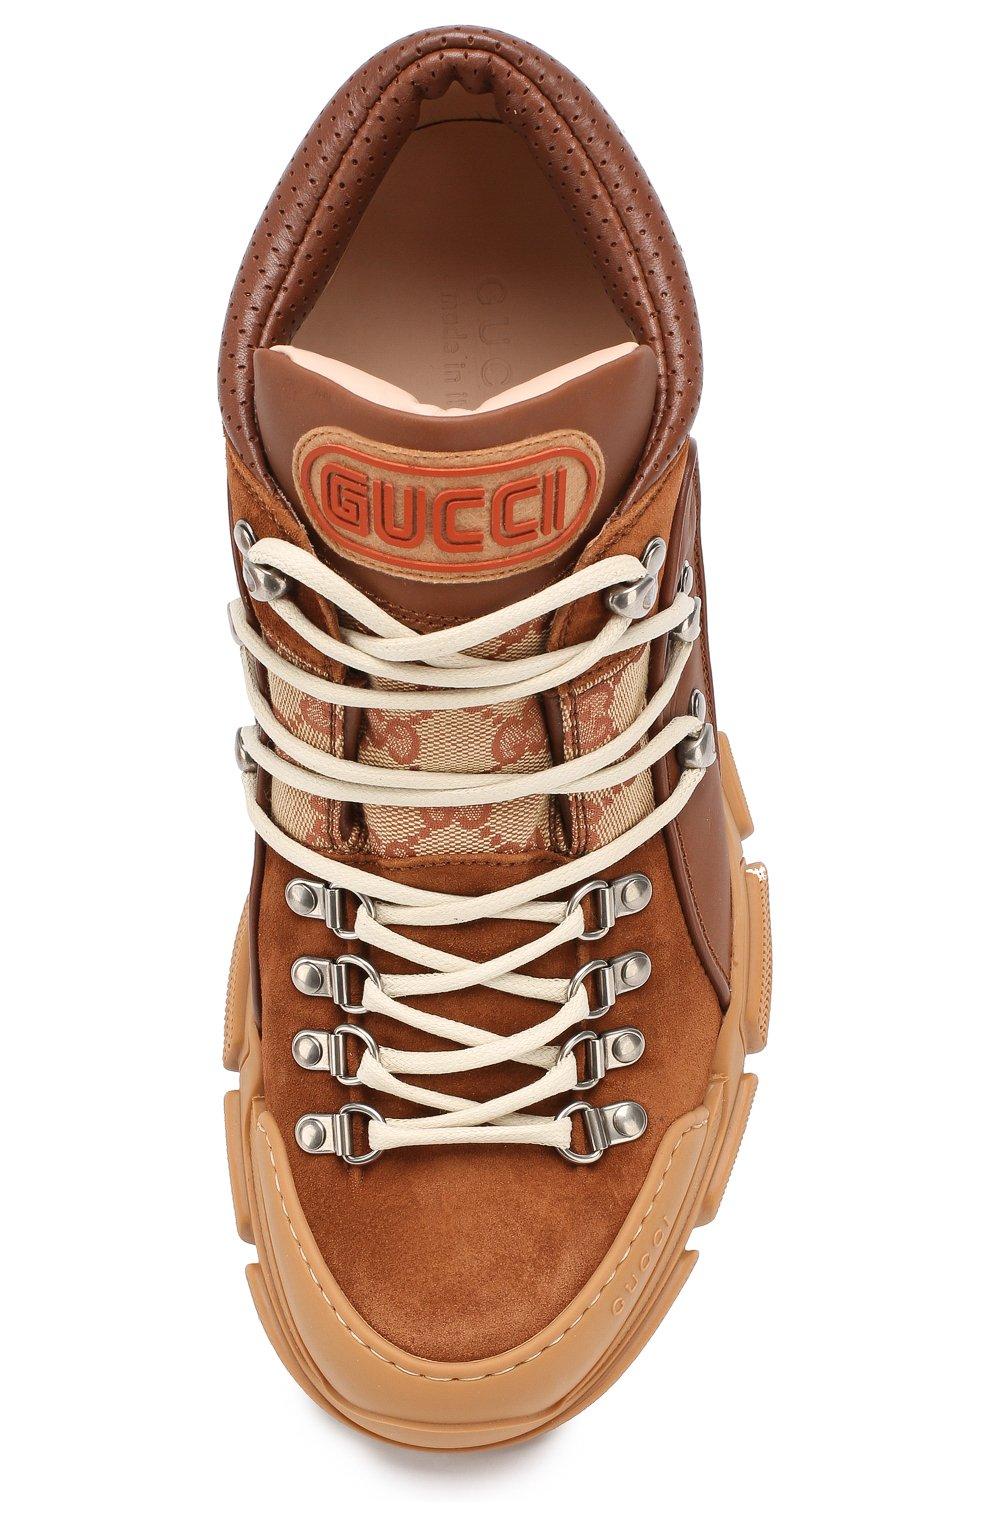 67af2092 Мужская обувь Gucci по цене от 16 300 руб. купить в интернет-магазине ЦУМ